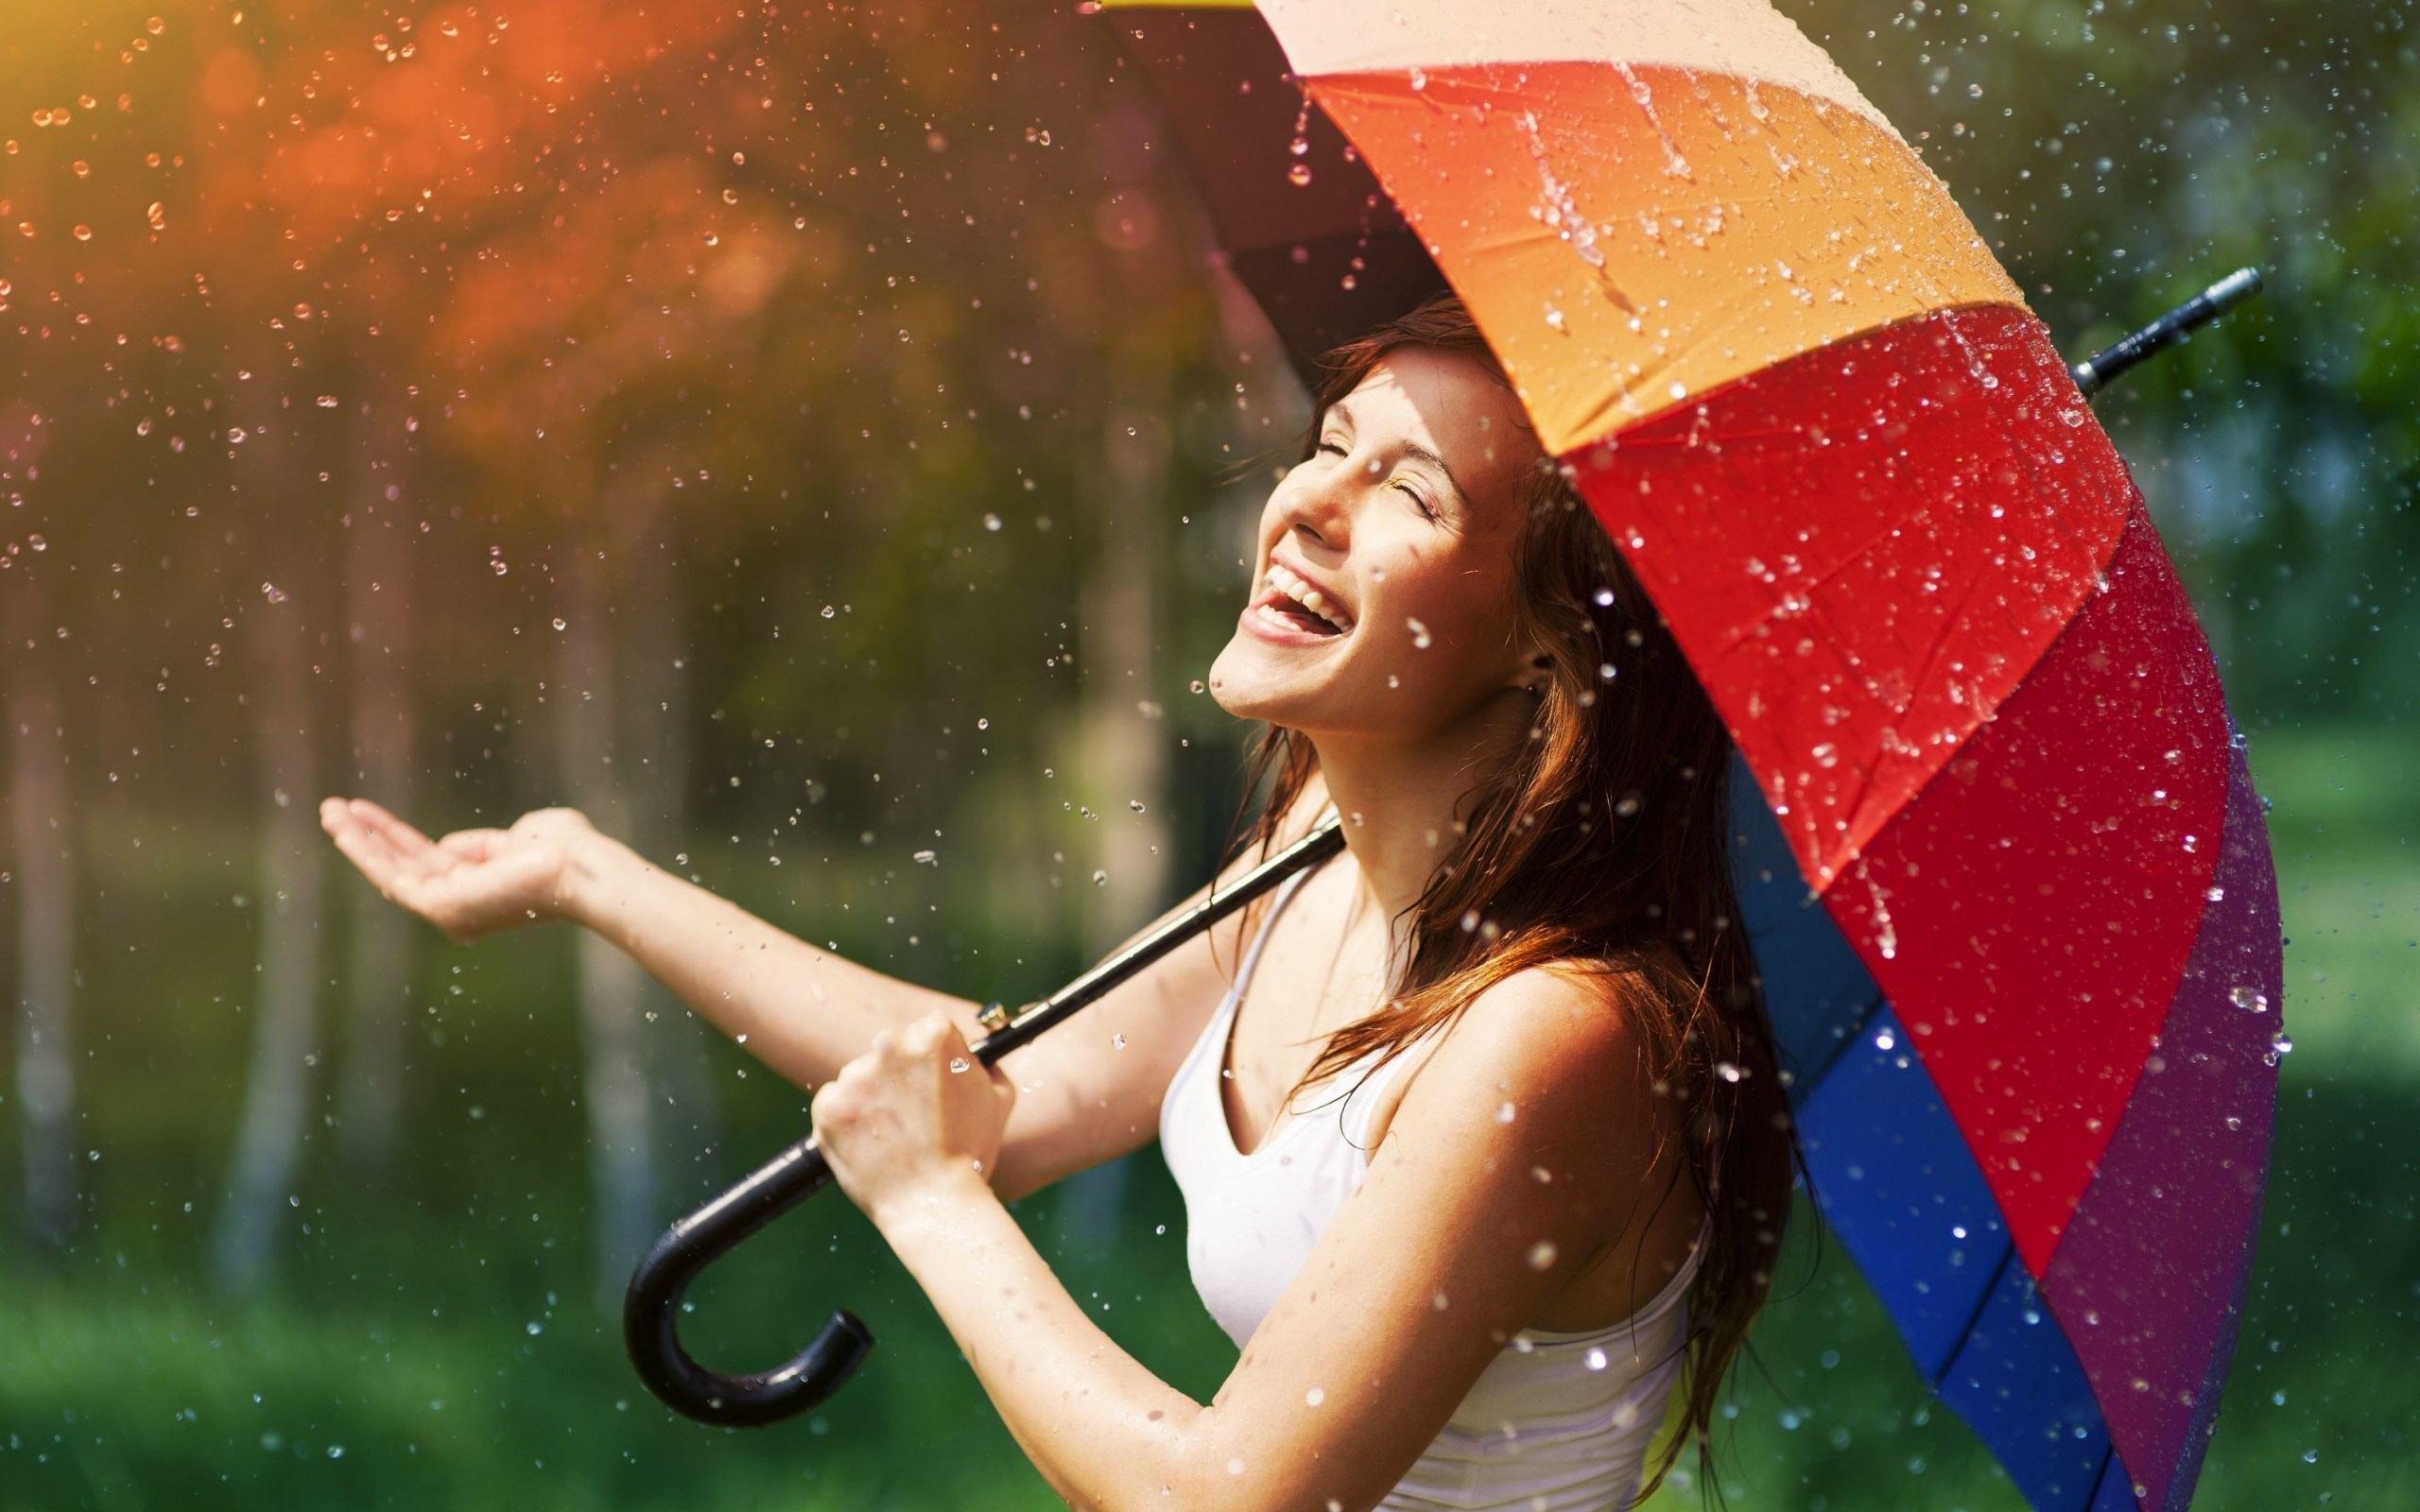 счастливый человек под дождем